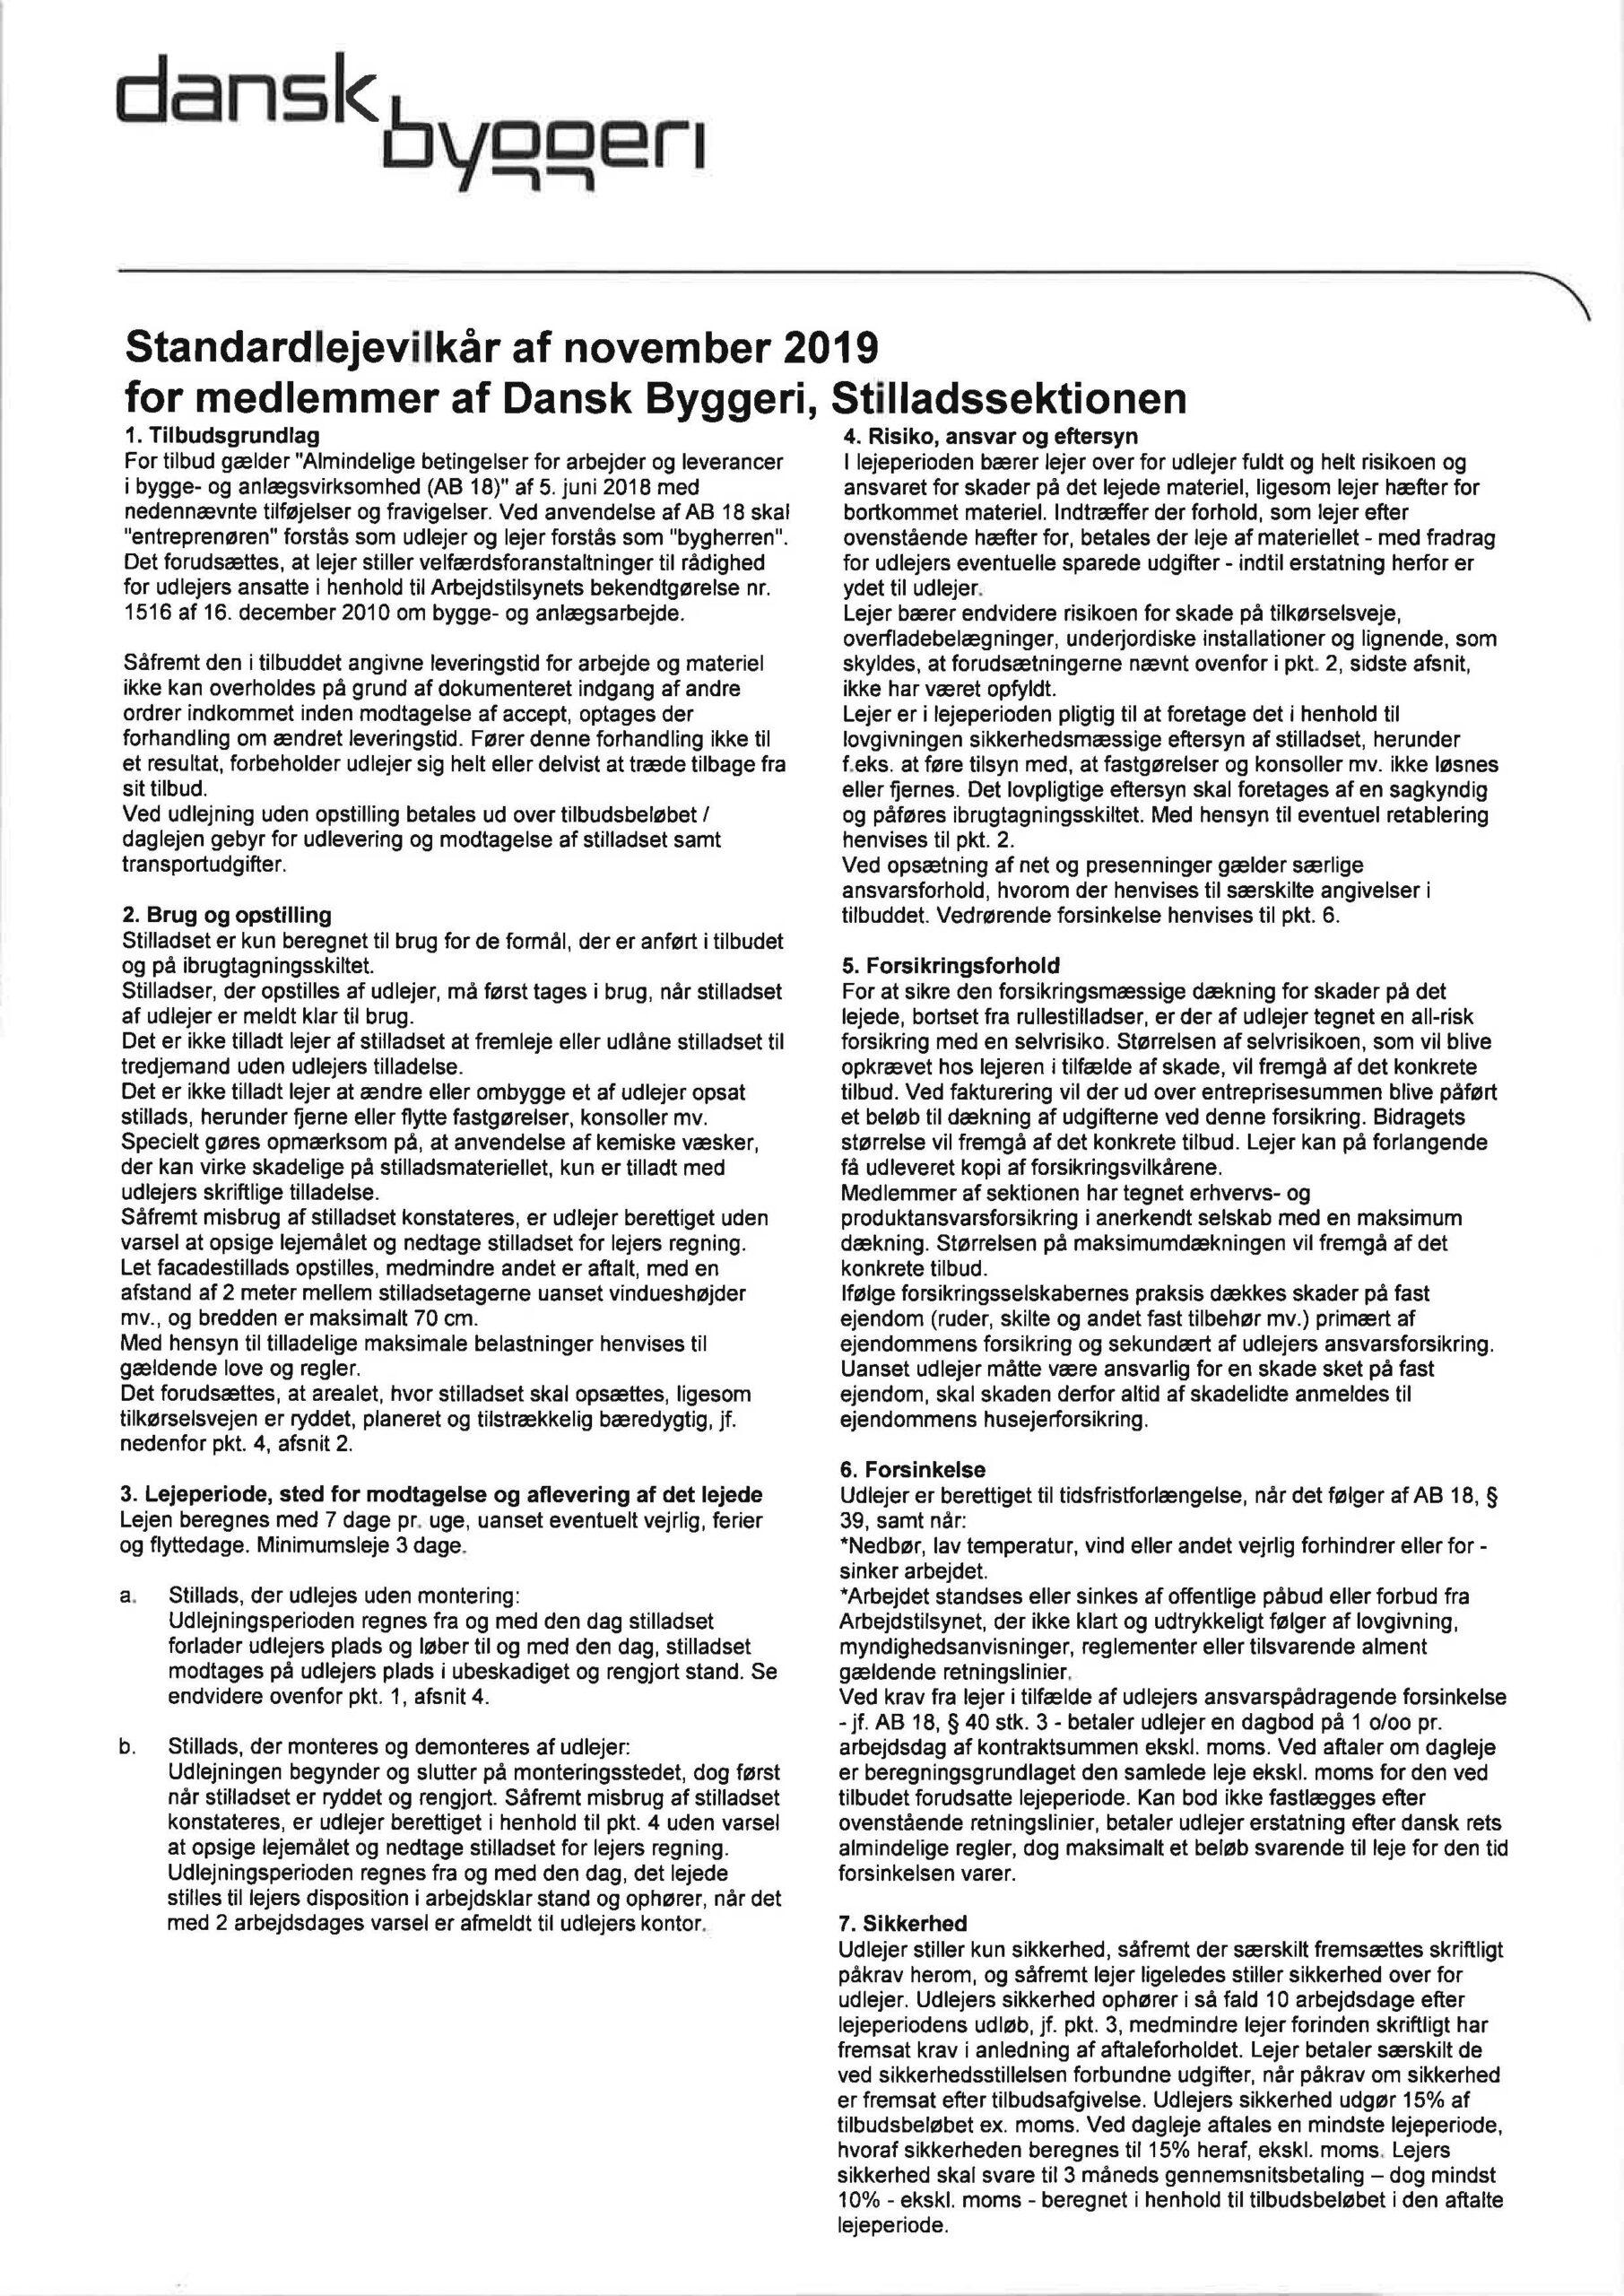 Stilladssektionens Standardlejevilkår 2019 af Dansk Byggeri